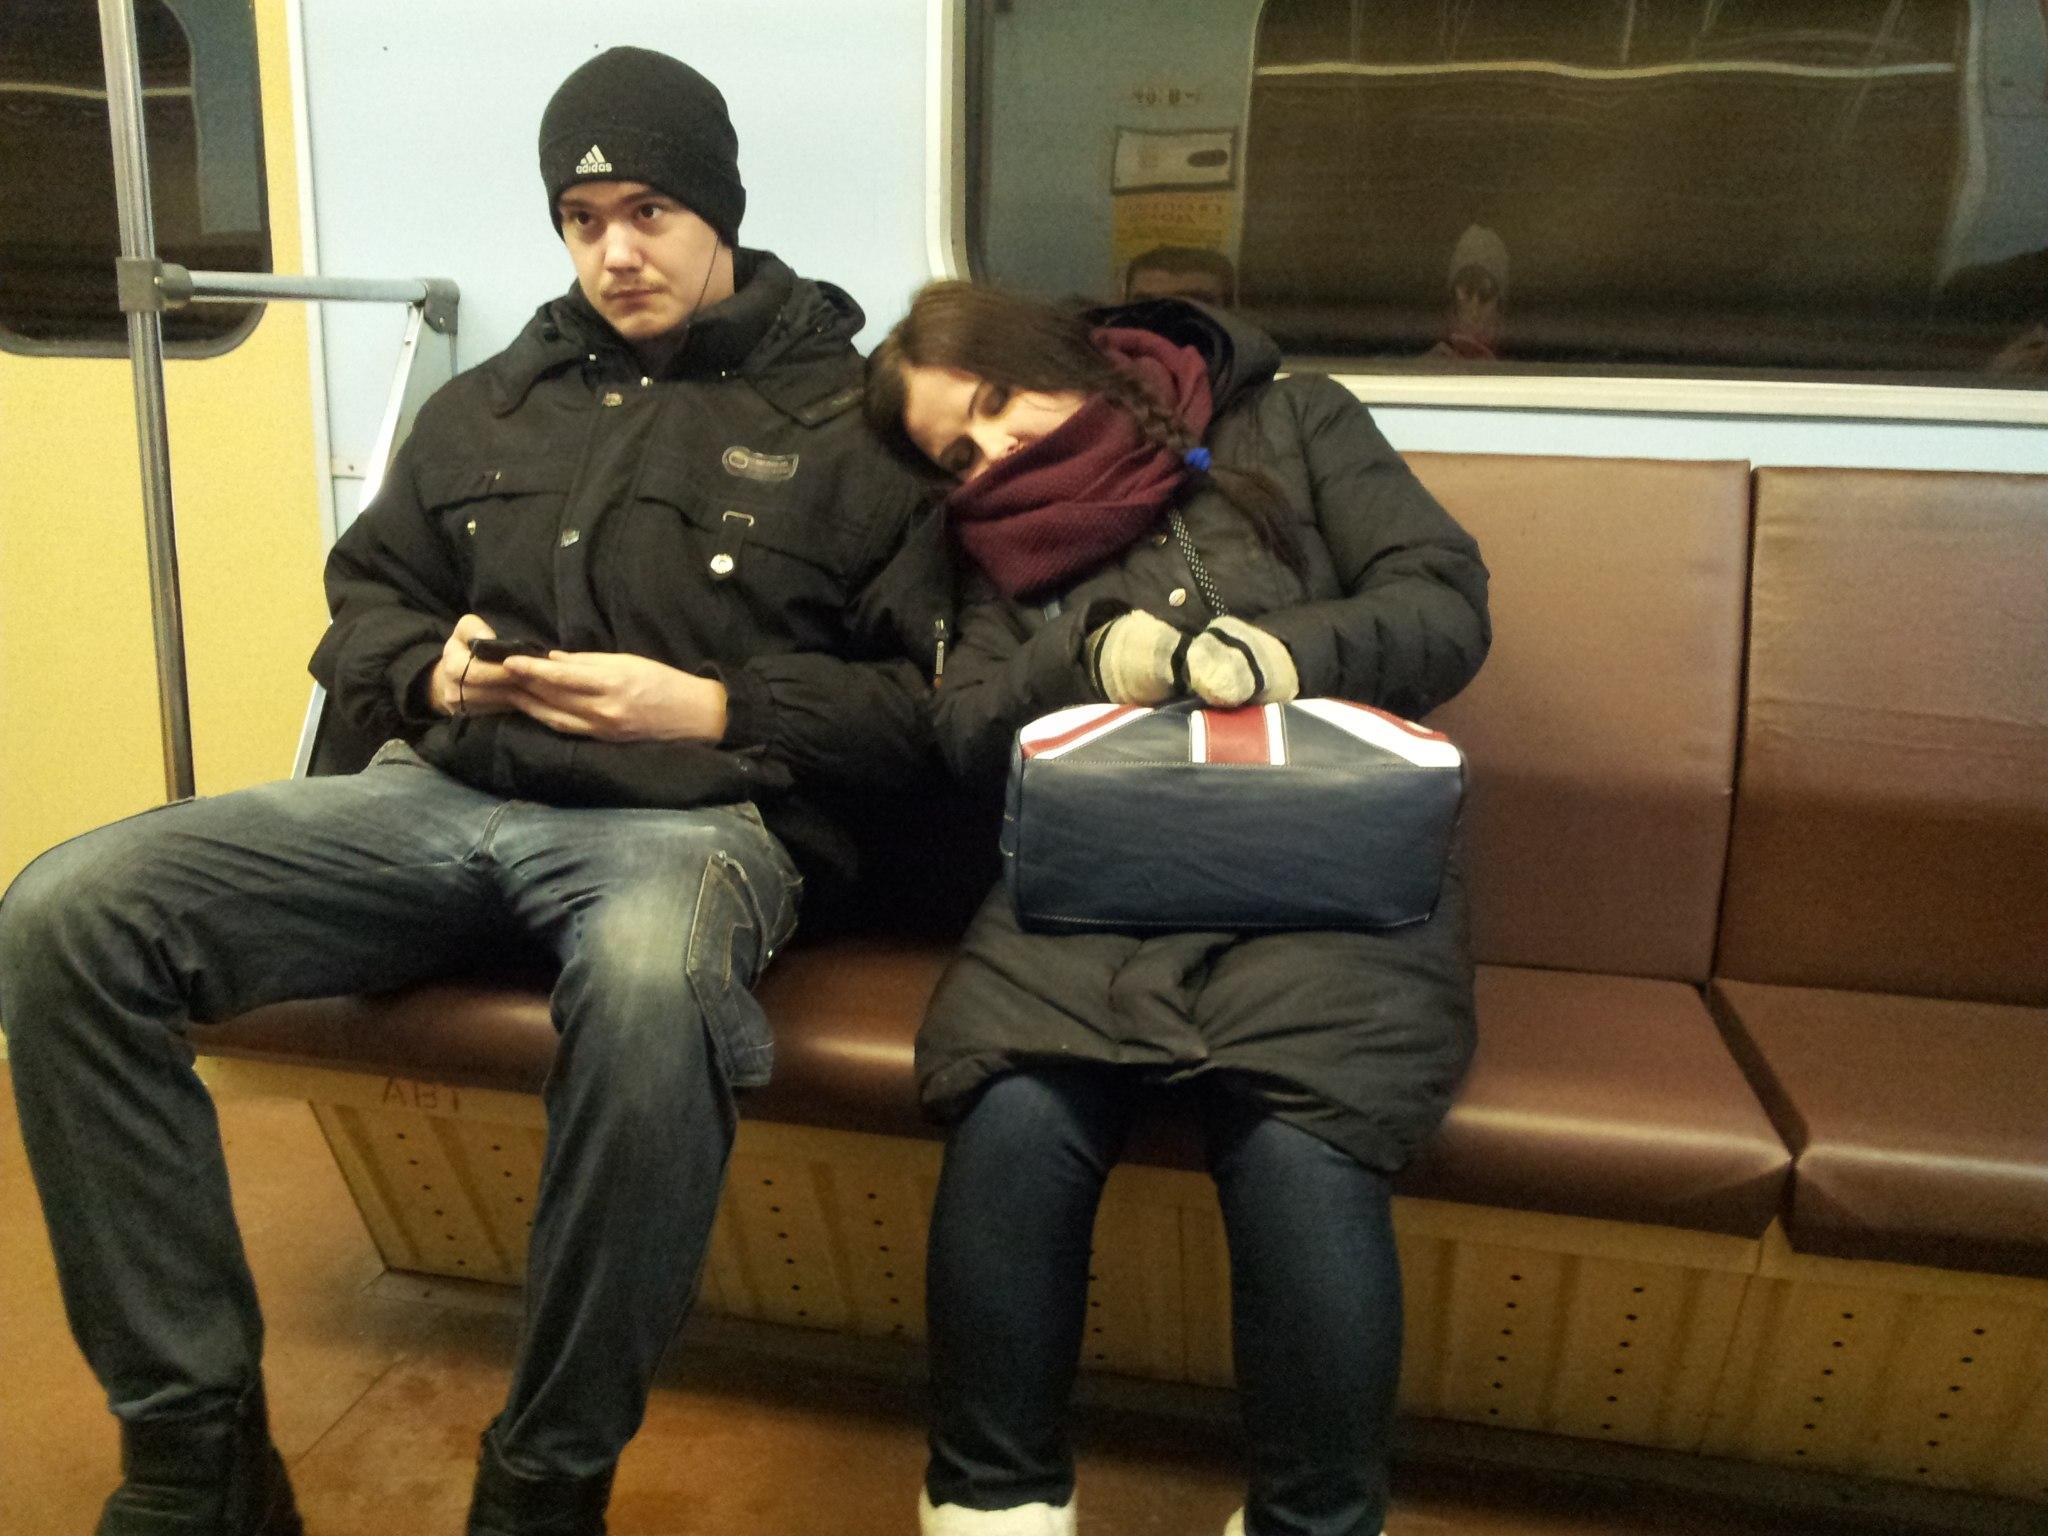 У парня встал в метро 2 фотография